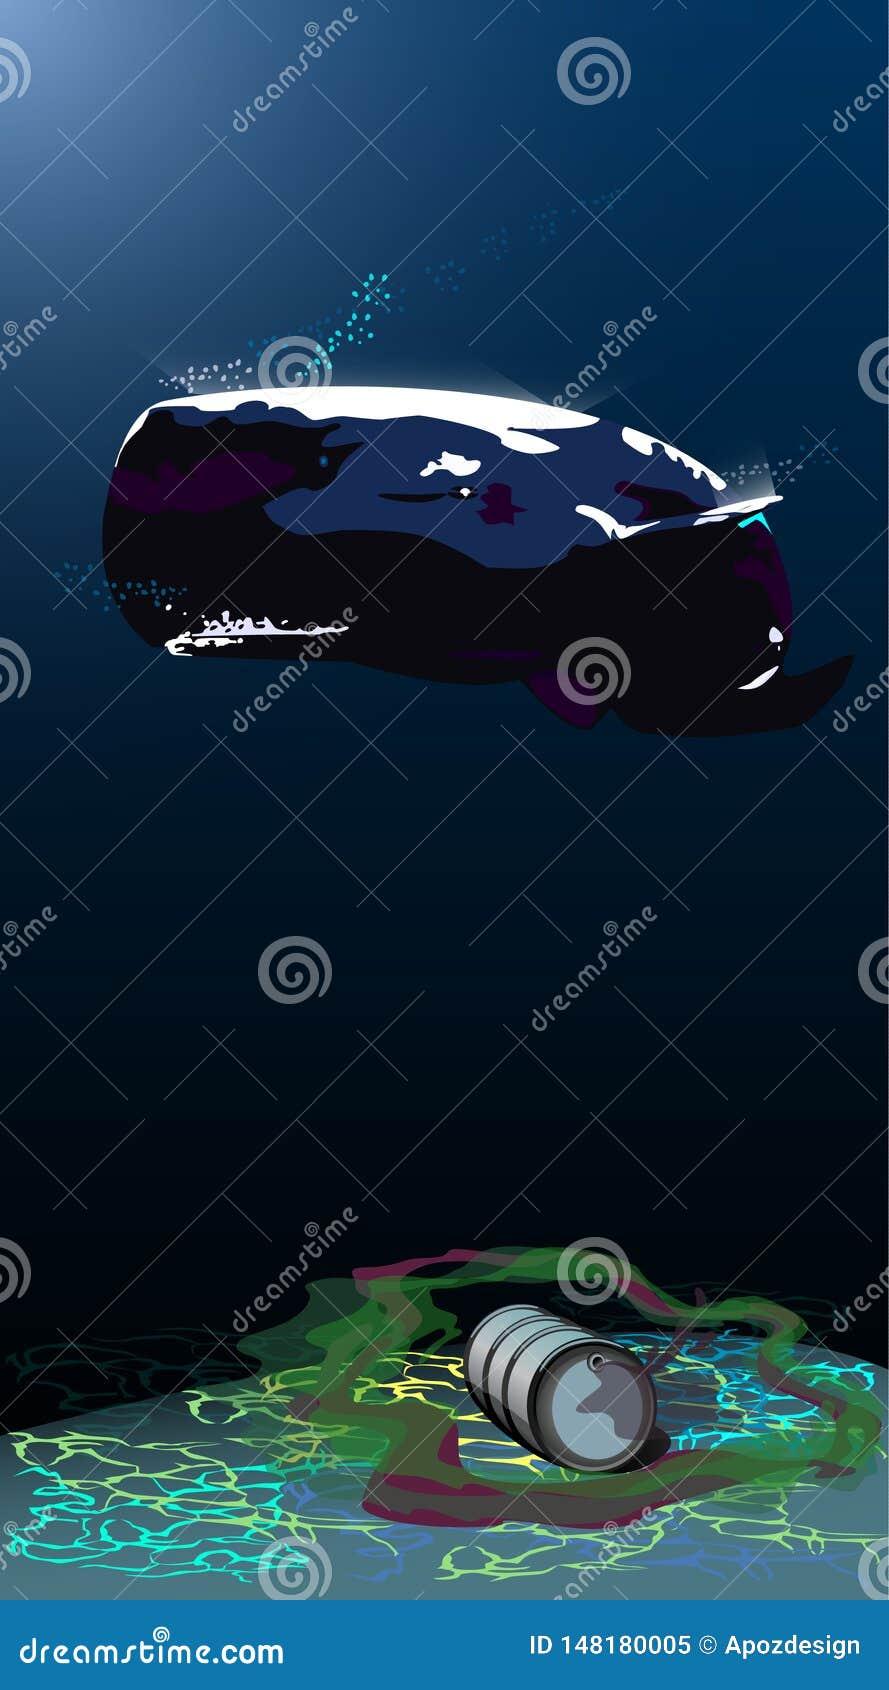 Unterwasserwelt, Samenzellenwal, Unterwasserabfall